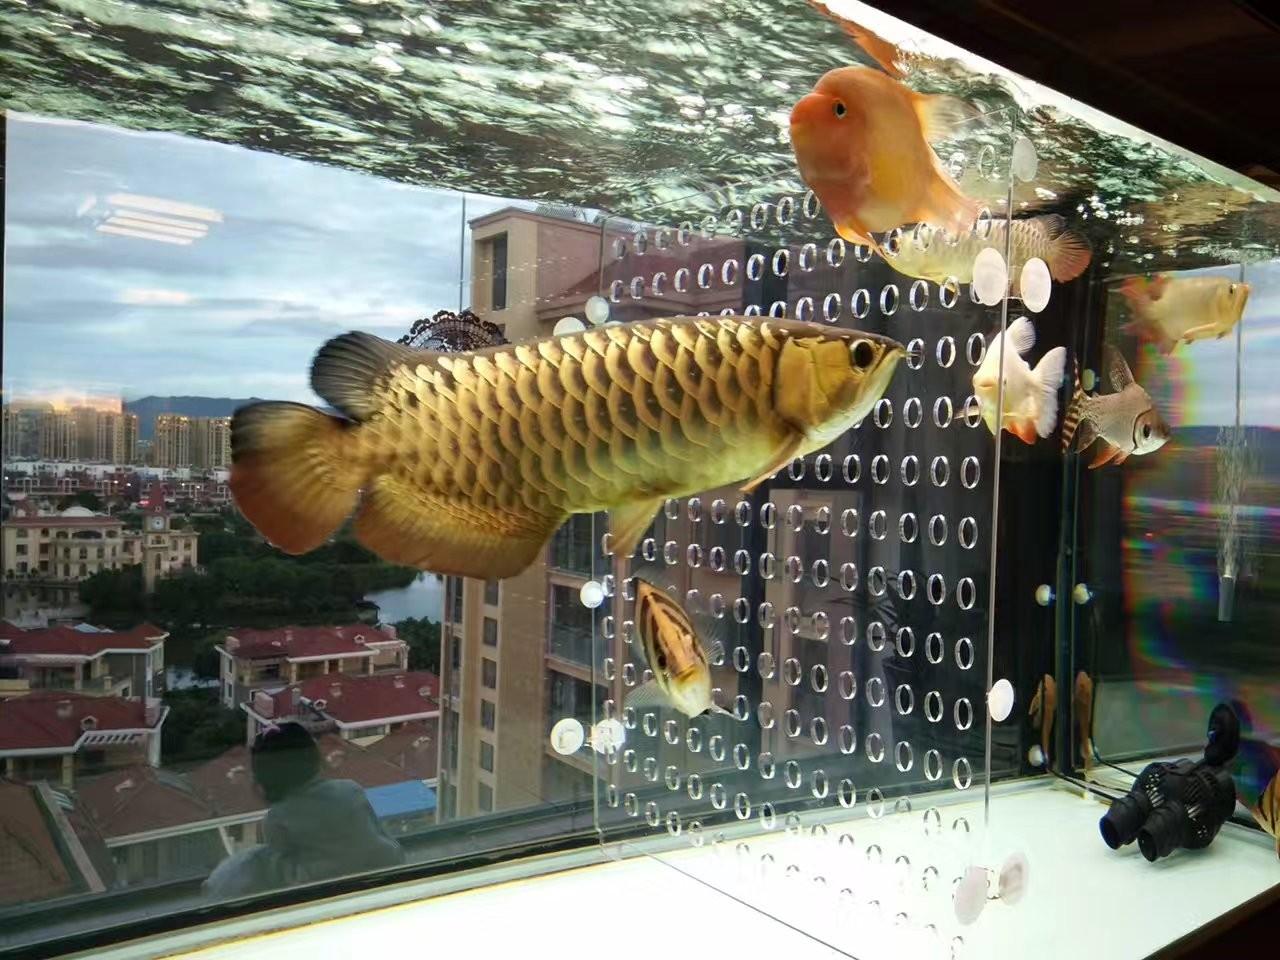 【西安黑桃A鱼】自然光透缸努力发色中 西安观赏鱼信息 西安博特第6张